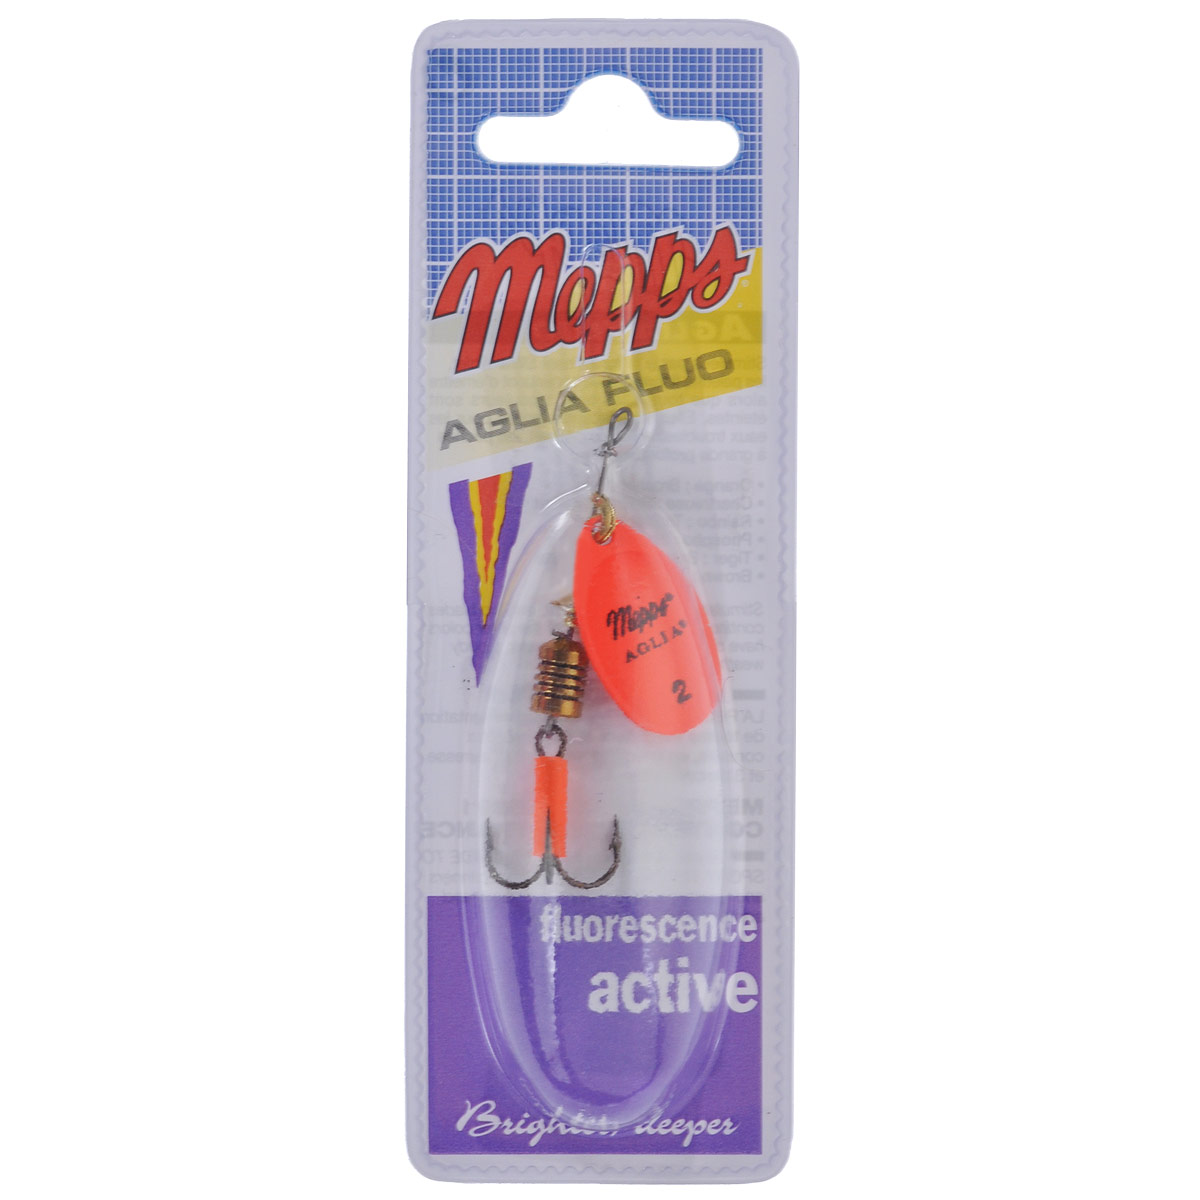 Блесна Mepps Aglia Fluo Orange, вращающаяся, №25773Вращающаяся блесна Mepps Aglia Fluo Orange выполнена в виде лепестка оранжевого неонового окраса, дающего преимущество при ловле рыбы в темное время суток, на большой глубине и в мутной воде. Такая блесна отлично видна даже при освещении ультрафиолетовыми лучами, доходящими до самых больших глубин. Стимулированная ультрафиолетом, она продолжает еще долго светиться.